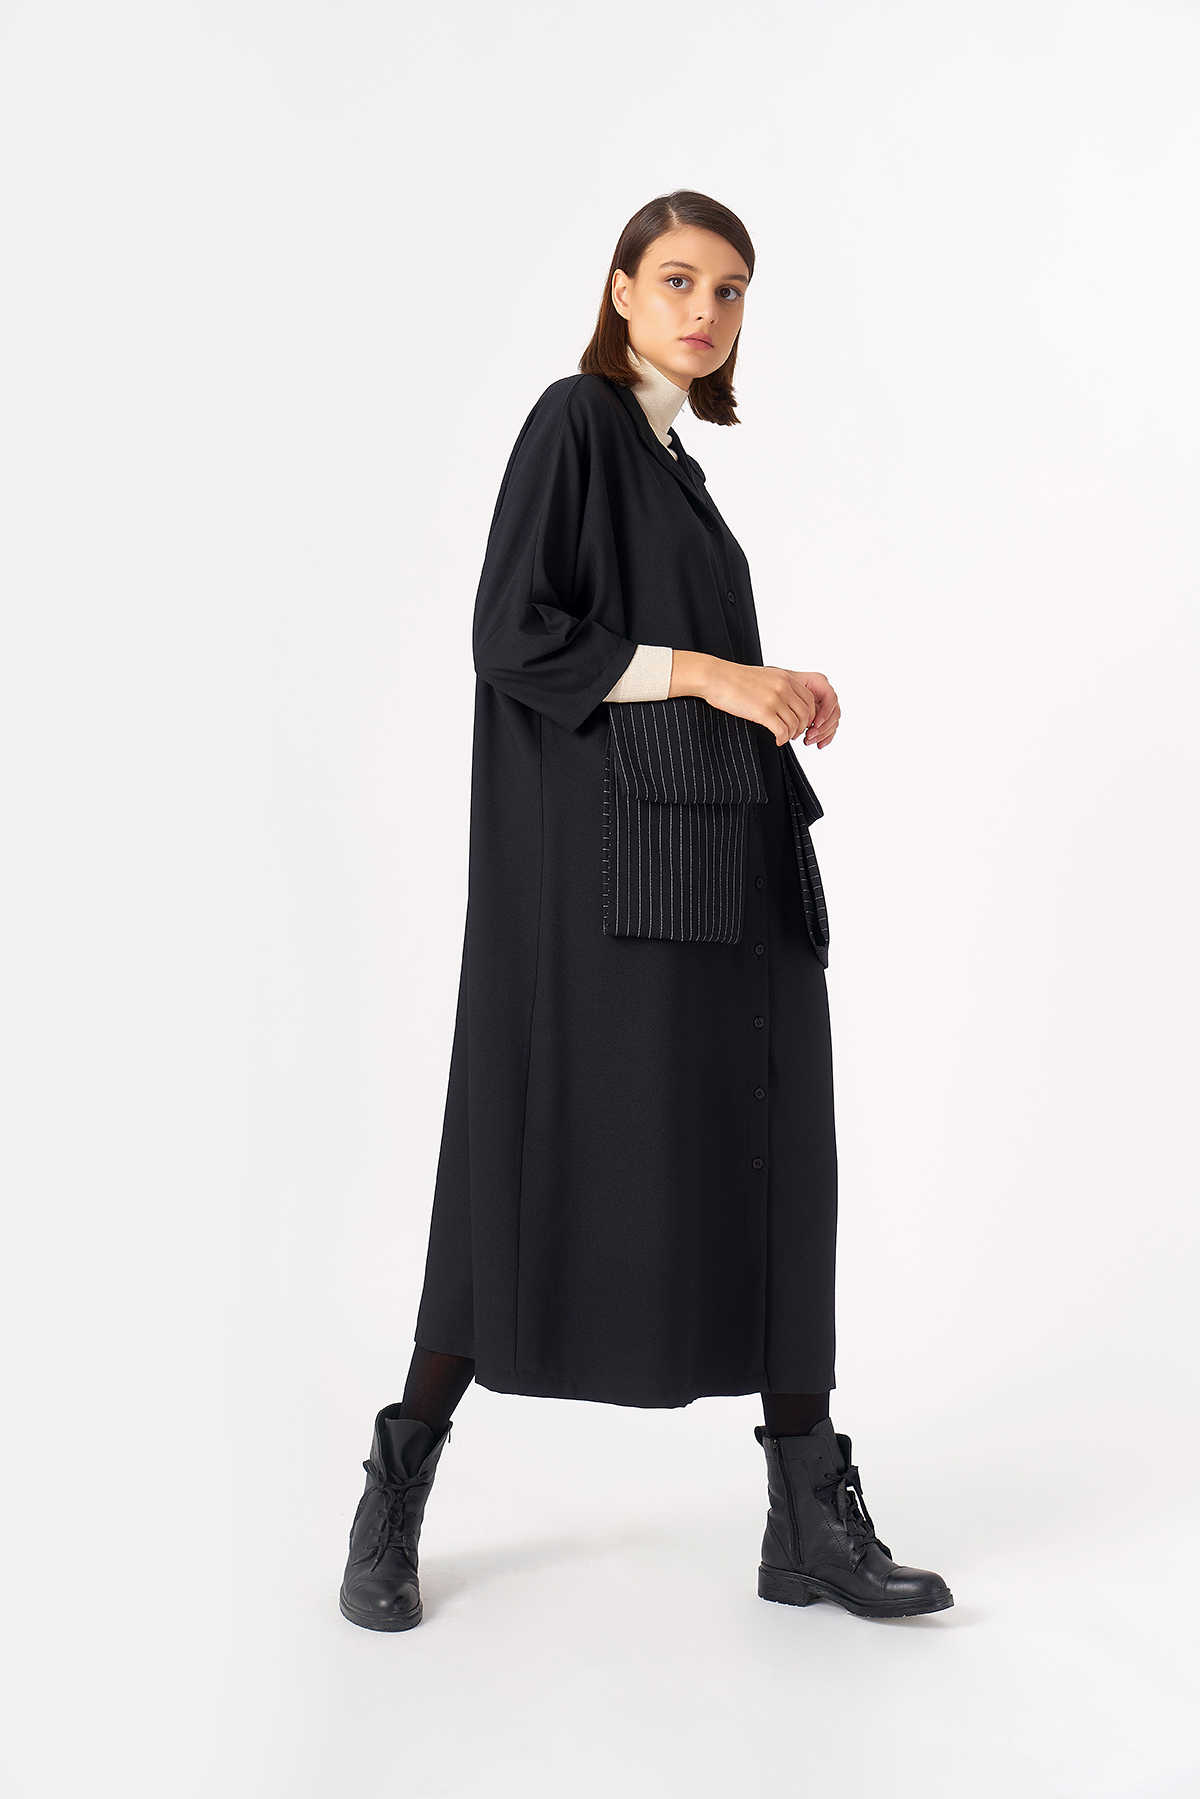 Kuaybe Gider - 2083 Elbise Siyah